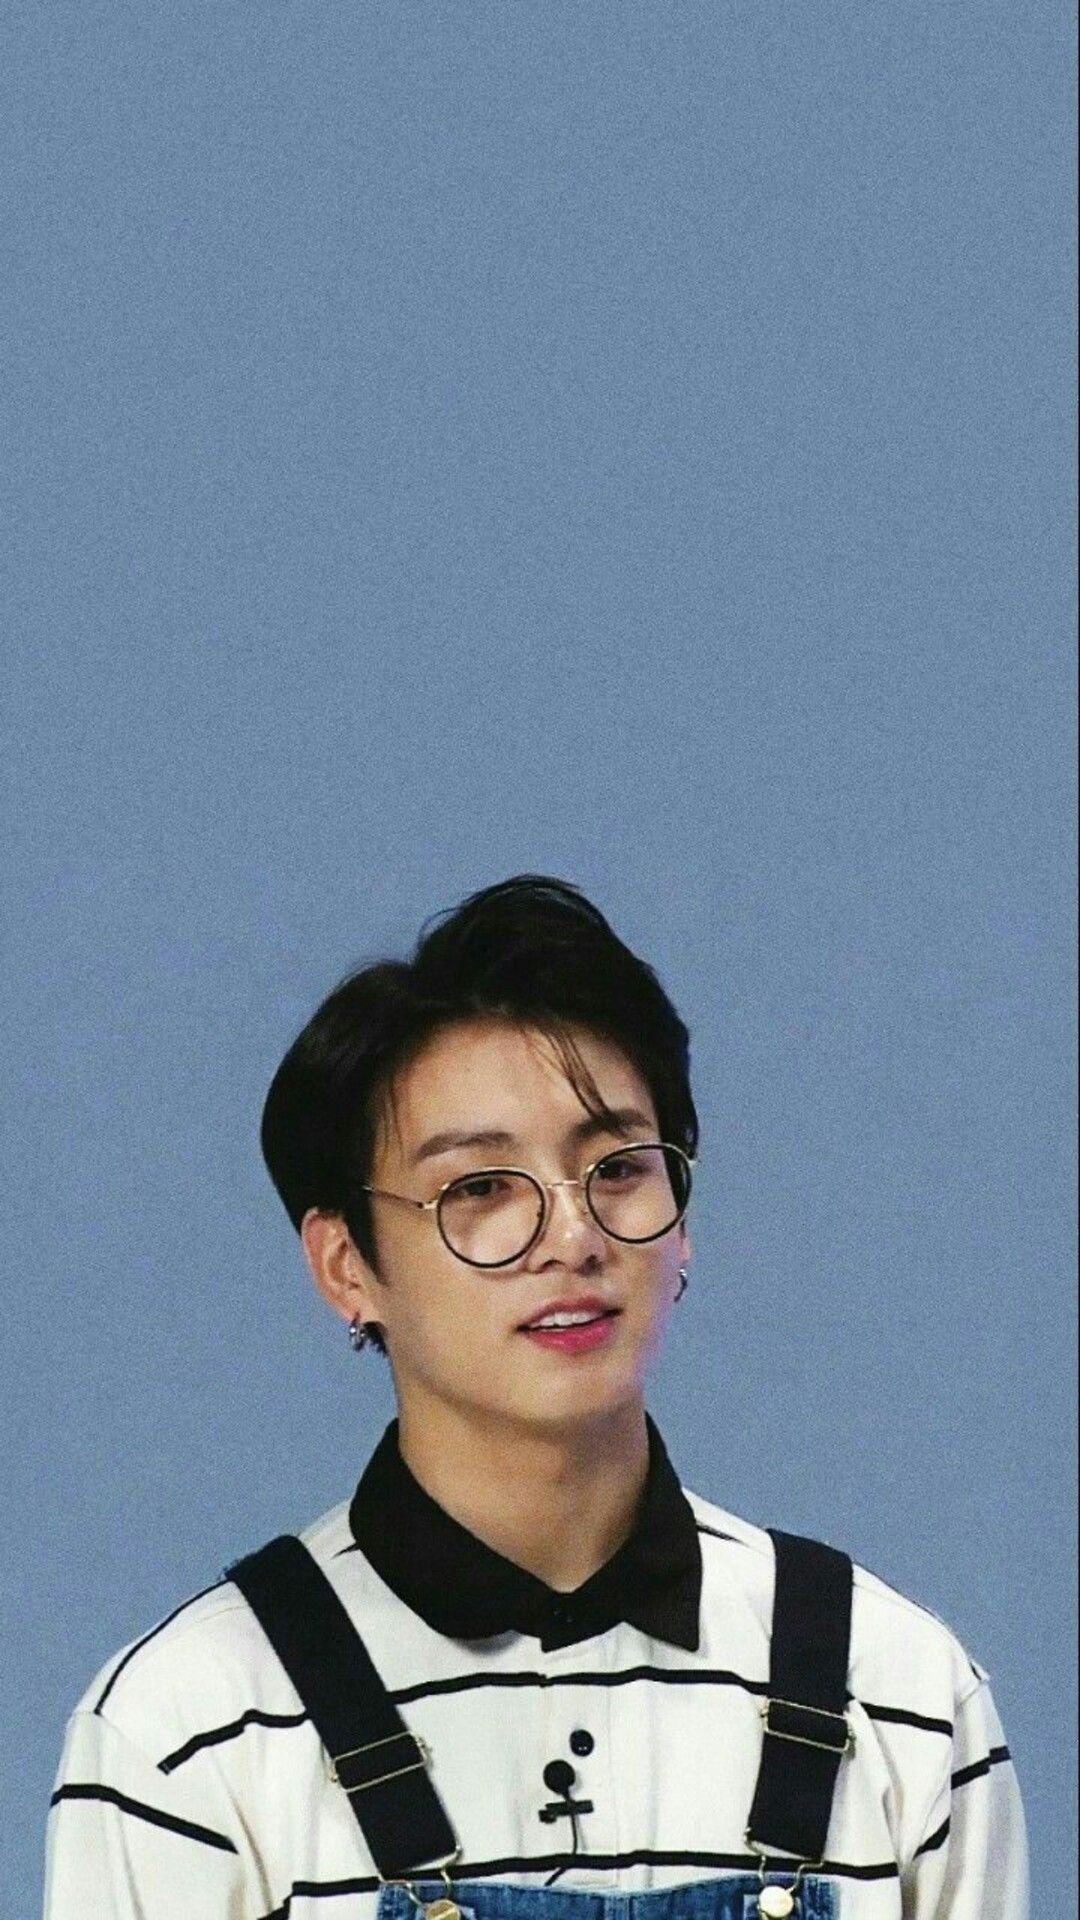 Jungkook BTS Wallpaper Run2017Ep30 bts BTS Bts jungkook 1080x1920